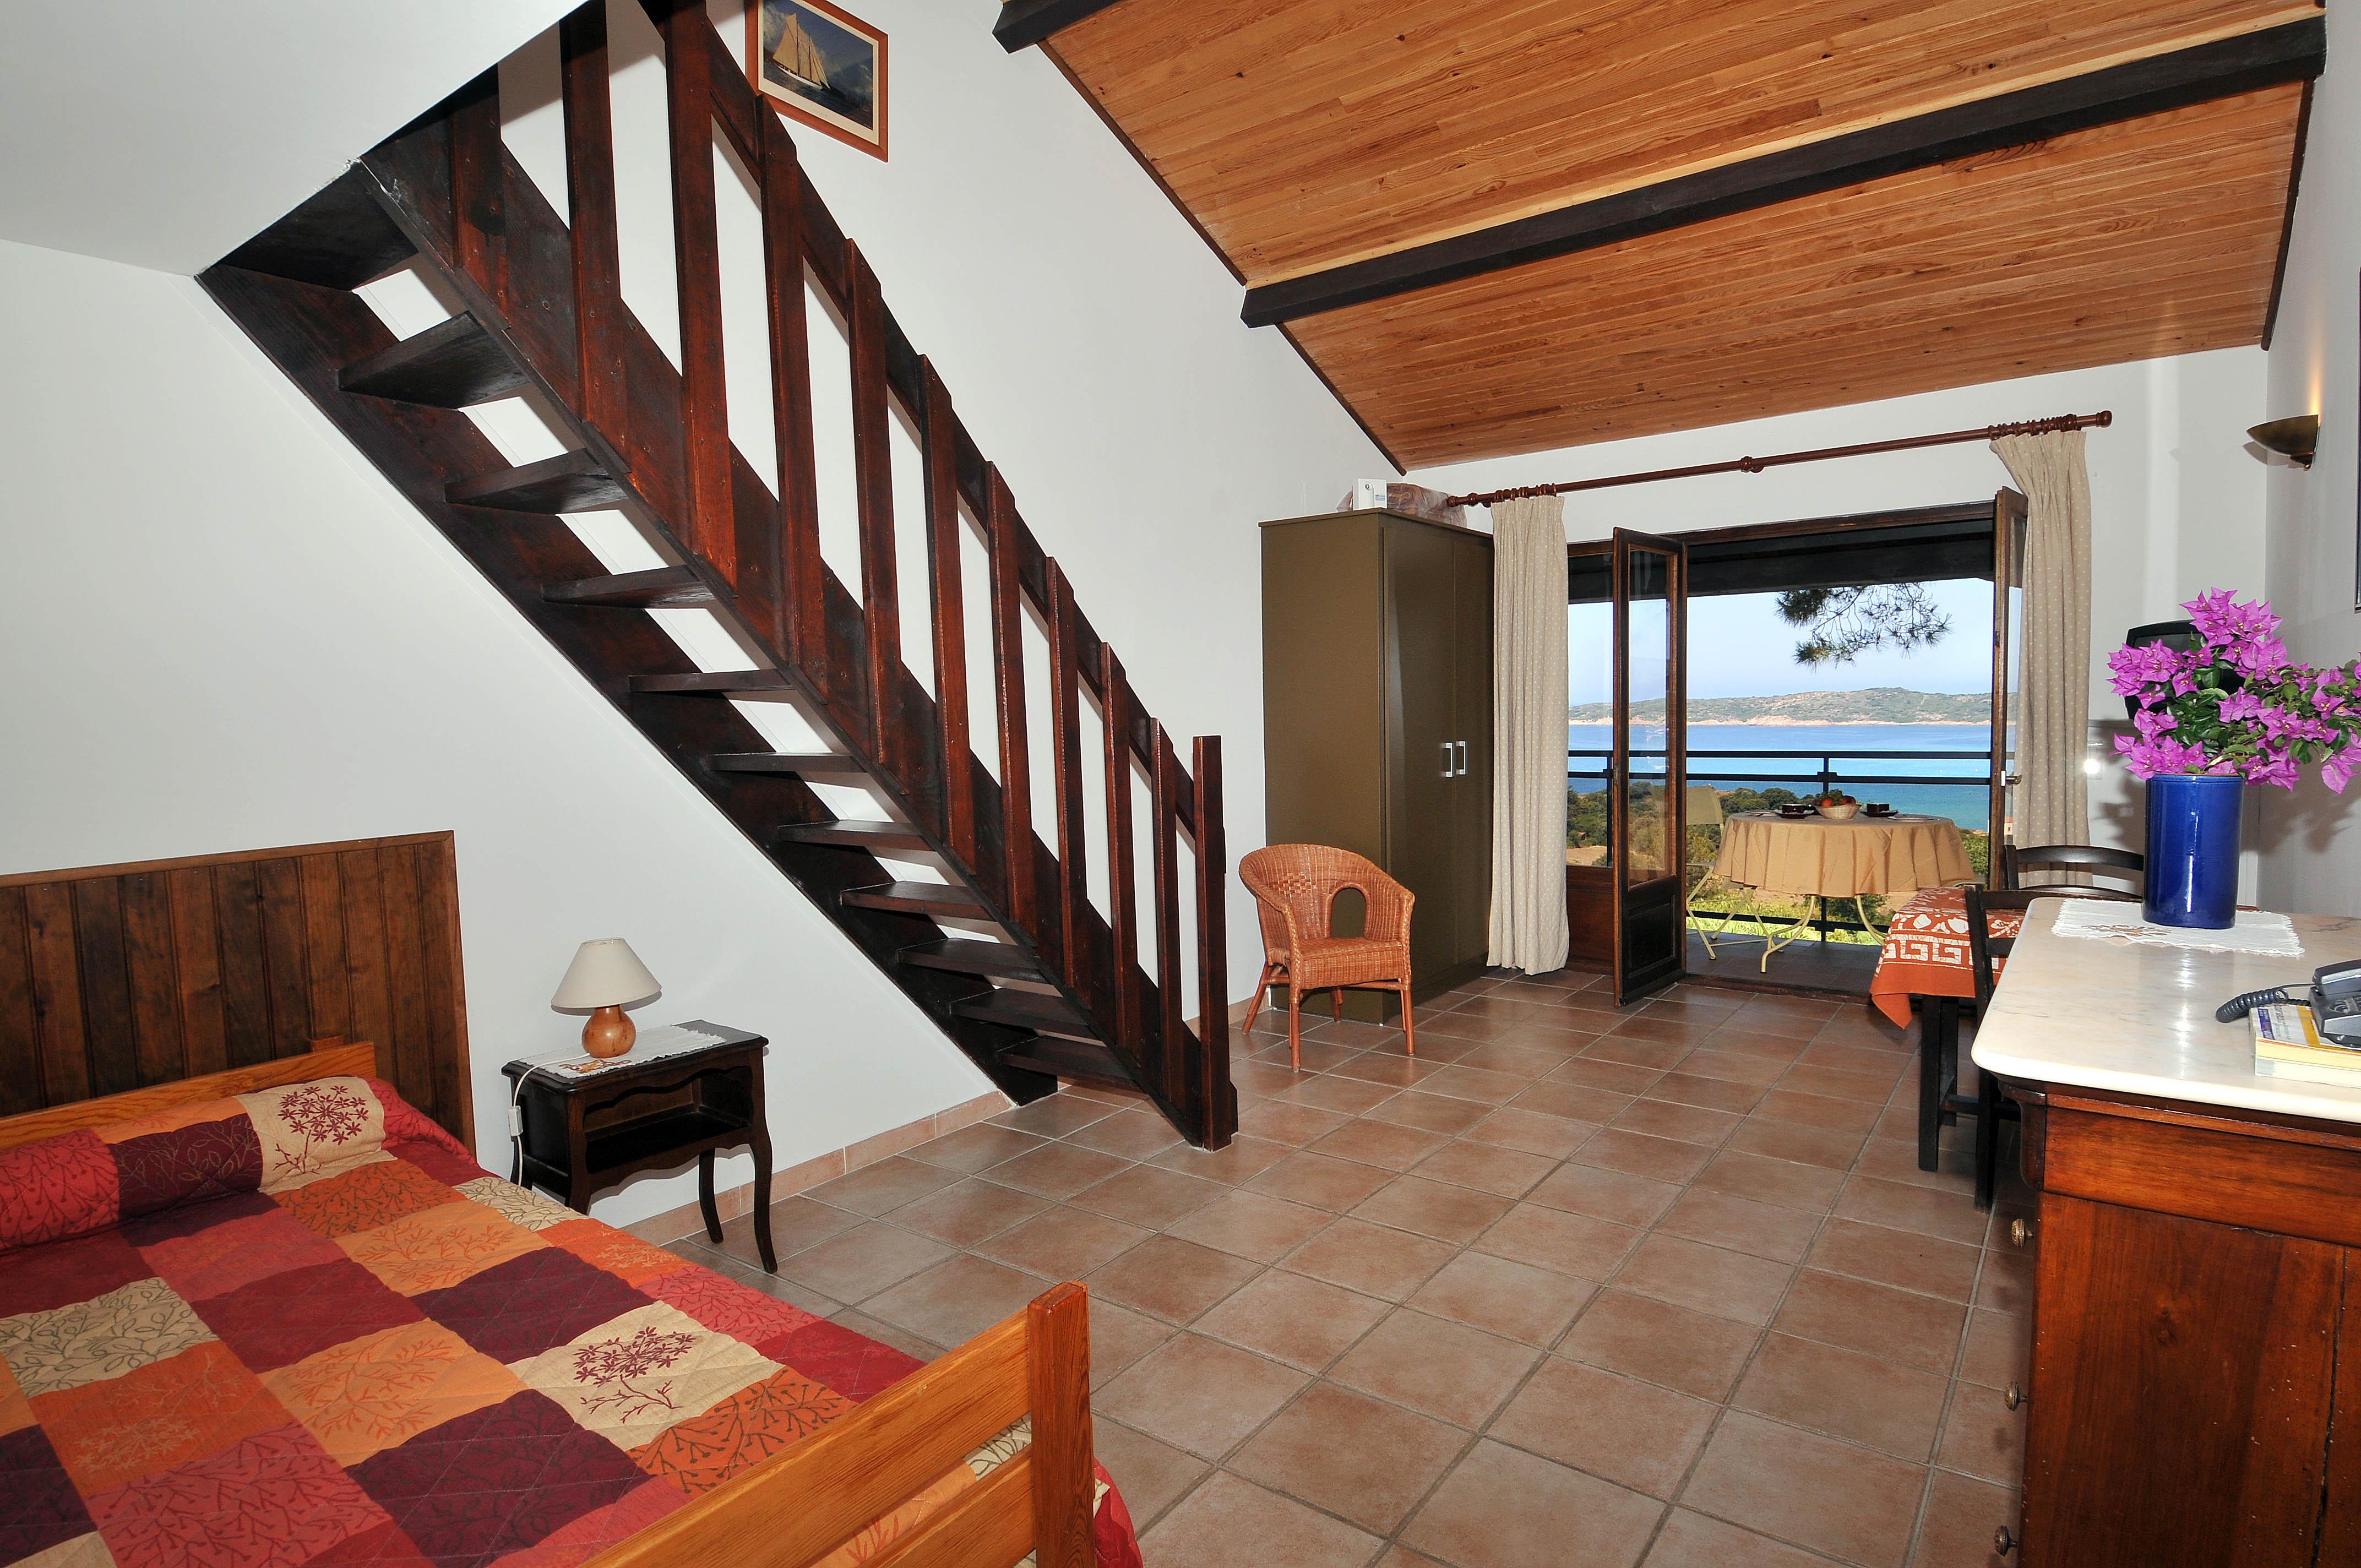 domaine saint pierre location d 39 appartements tarif descriptif. Black Bedroom Furniture Sets. Home Design Ideas